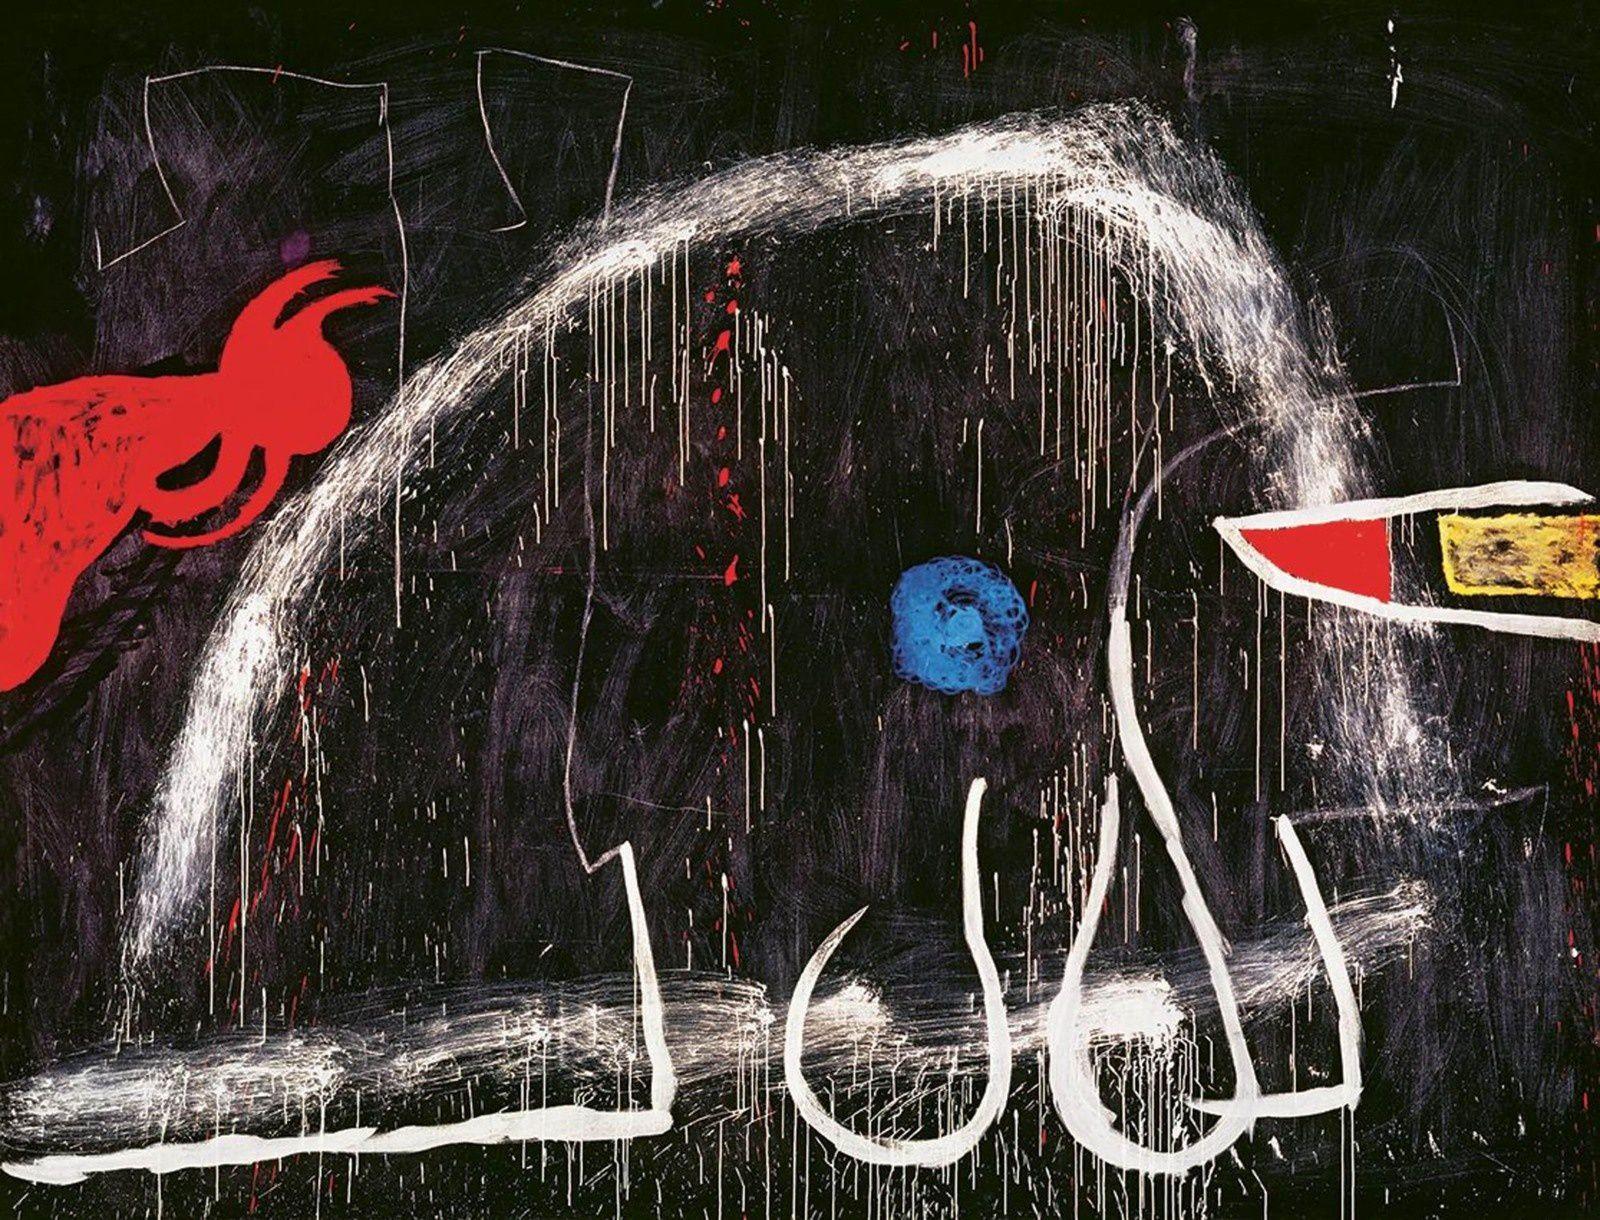 """""""Peinture"""", vers 1973 de Joan Miró - Espagne, Palma de Majorque.  Successió Miró."""